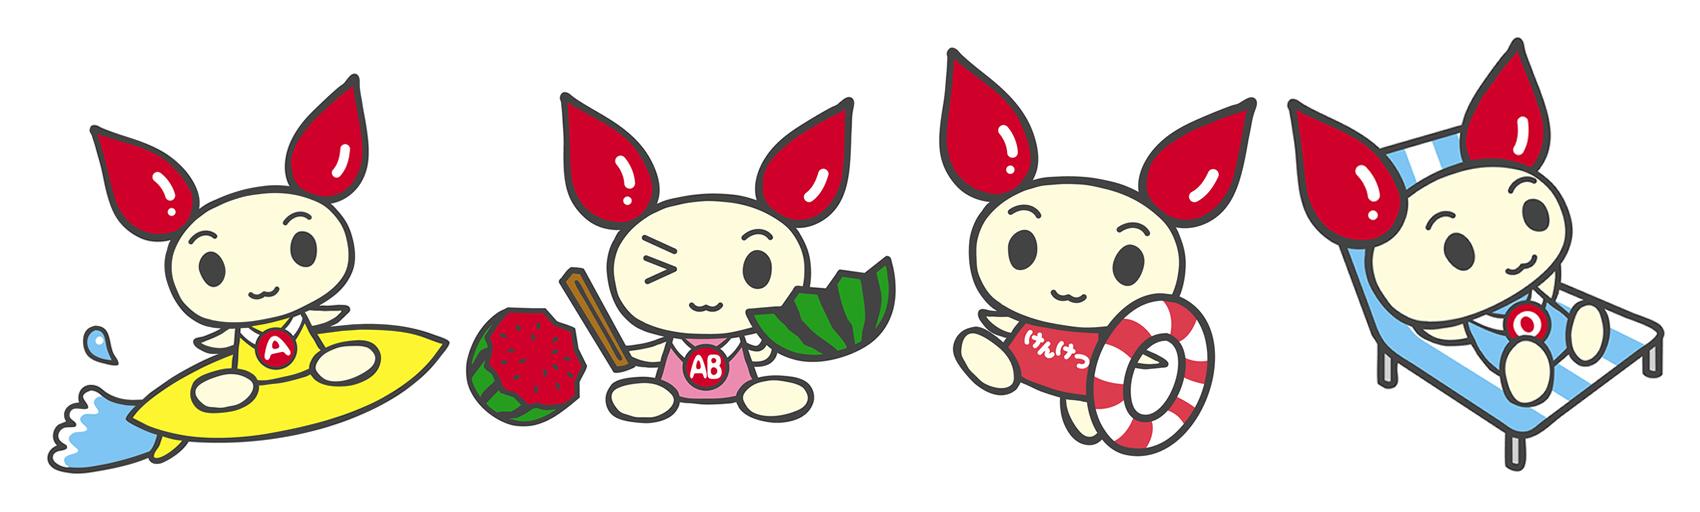 7月は「愛の血液助け合い運動」月間です!